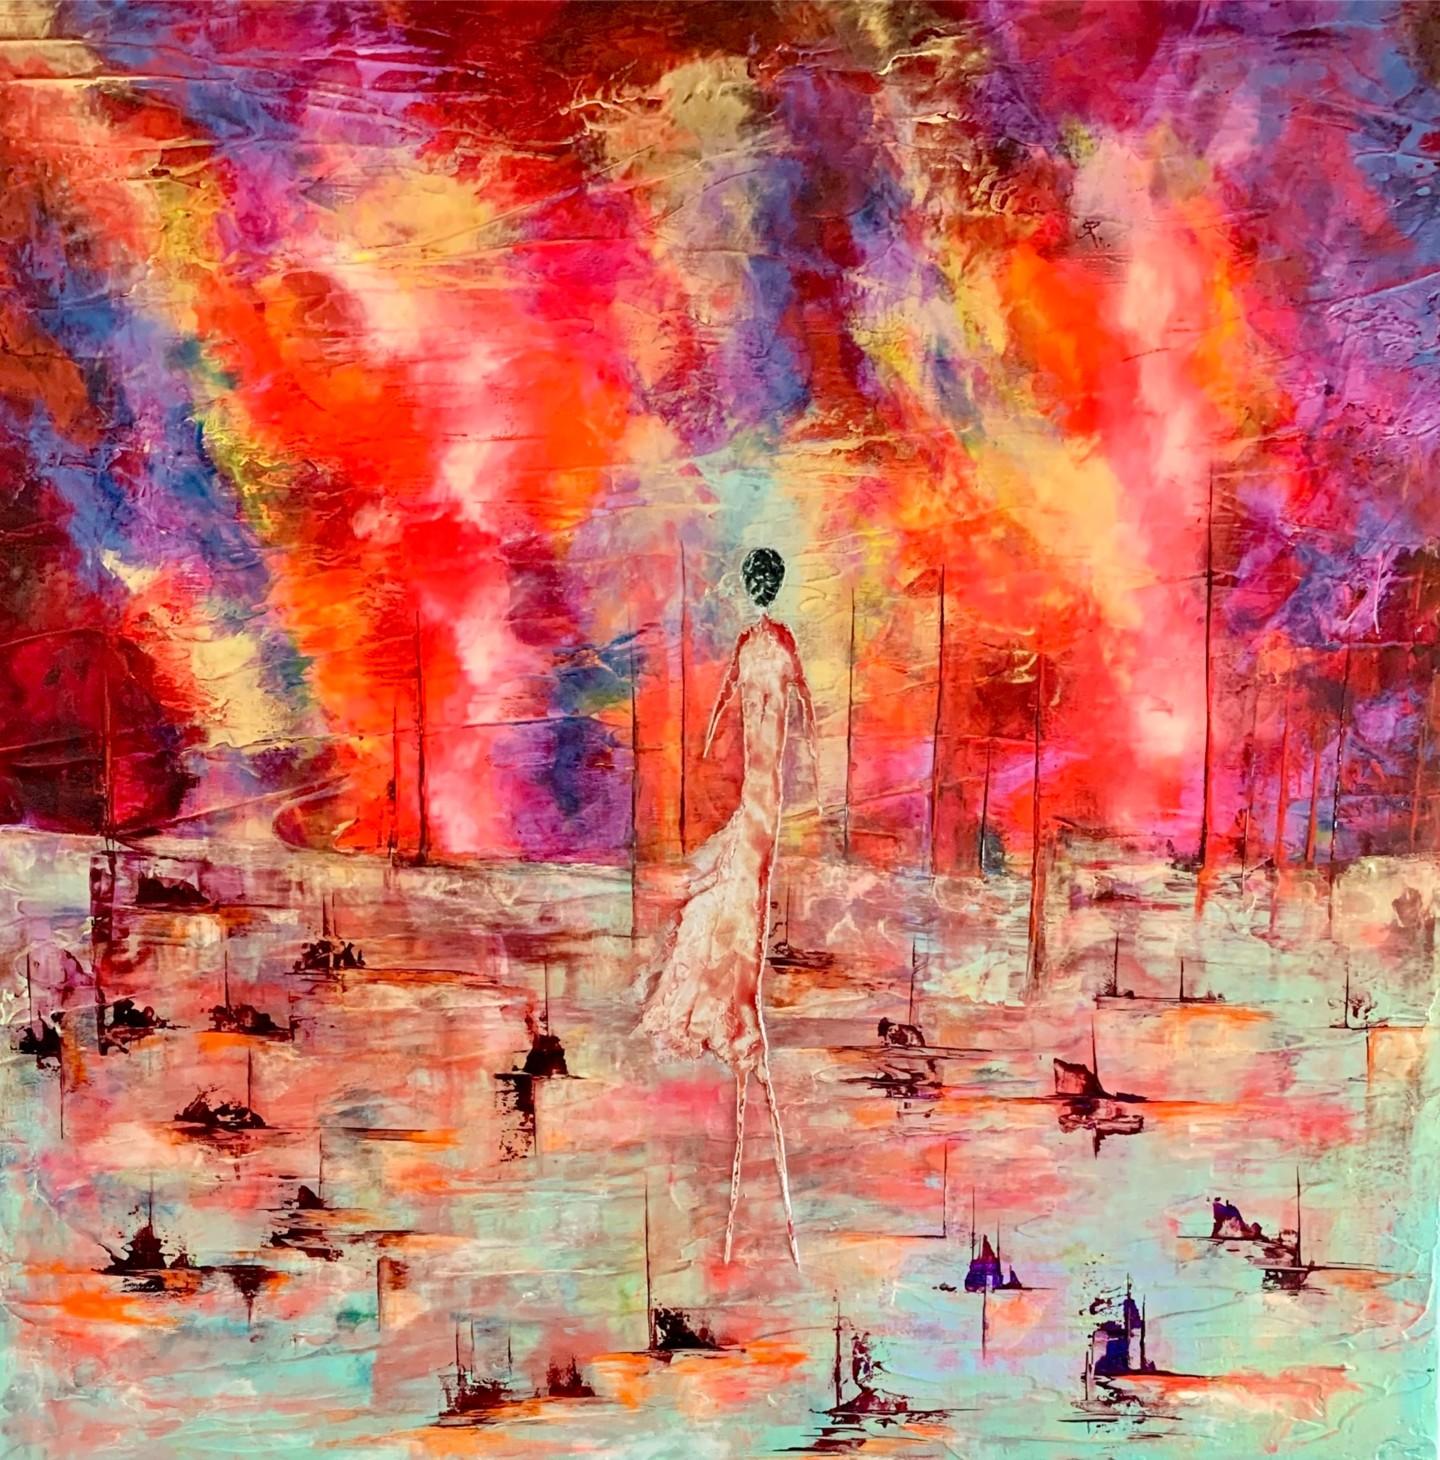 Anne Sophie Vieren - Solitude pendant femme ... artiste peintre Nantes